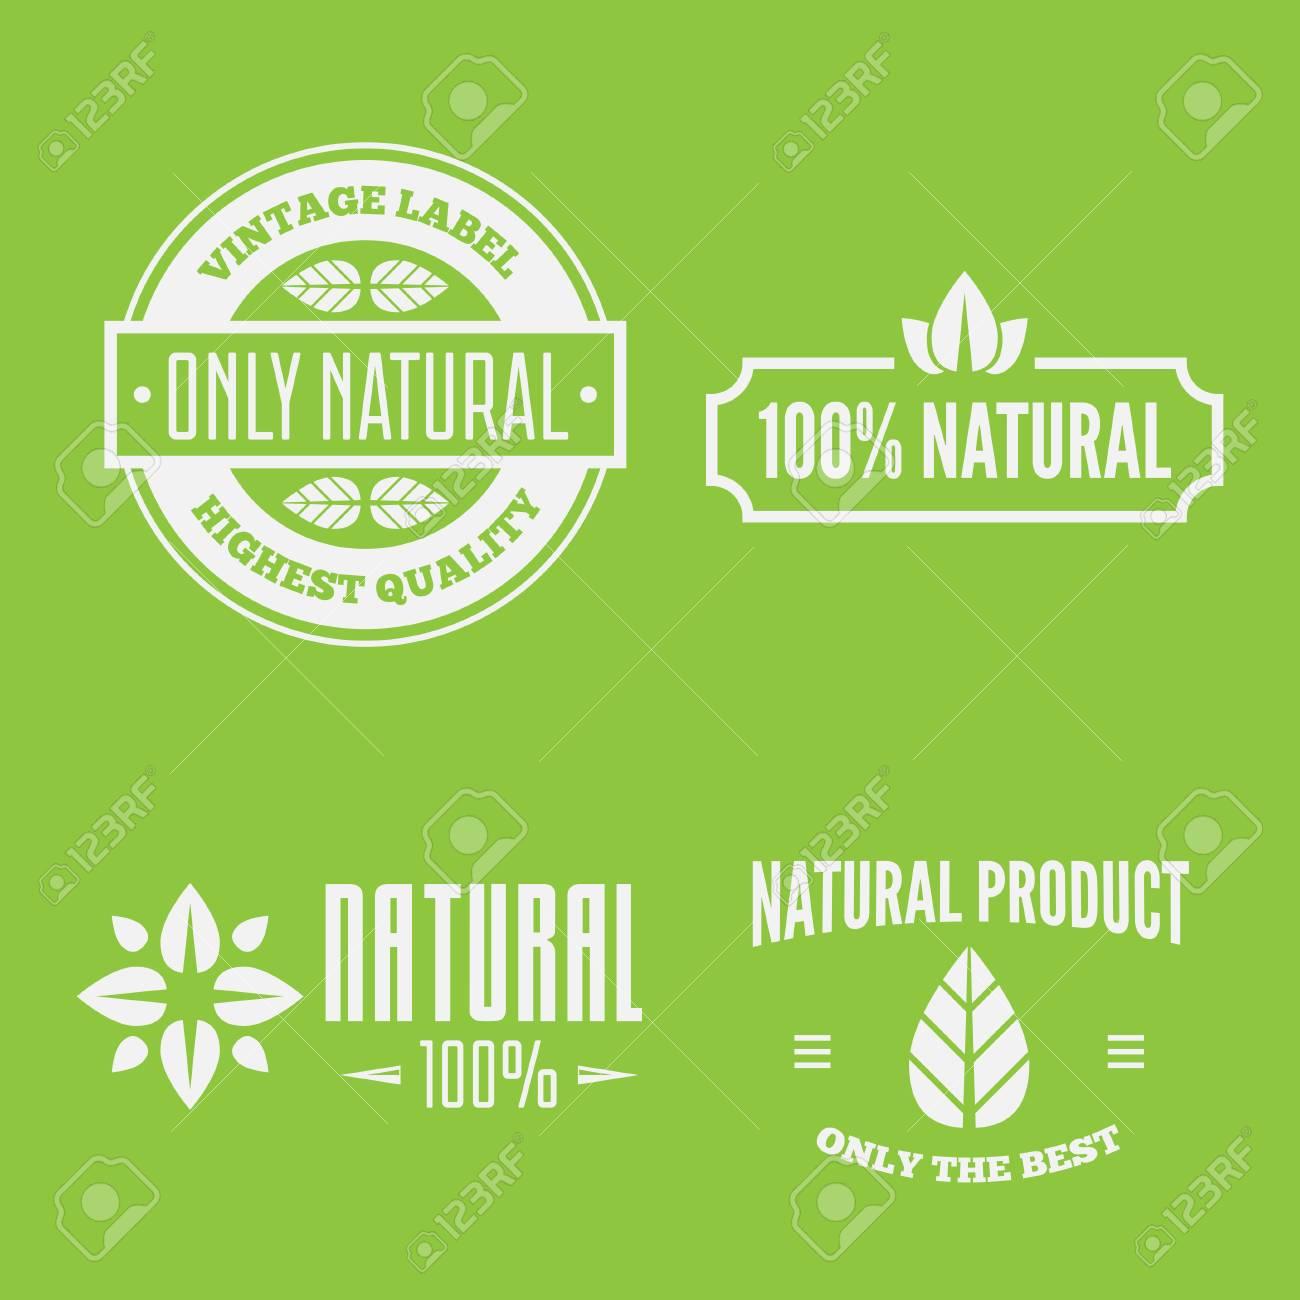 Vettoriale Set Di Icone O Etichette Di Cura Di Bellezza E Salute Spa Badge Per Centri Yoga Segni Di Benessere Image 94663113